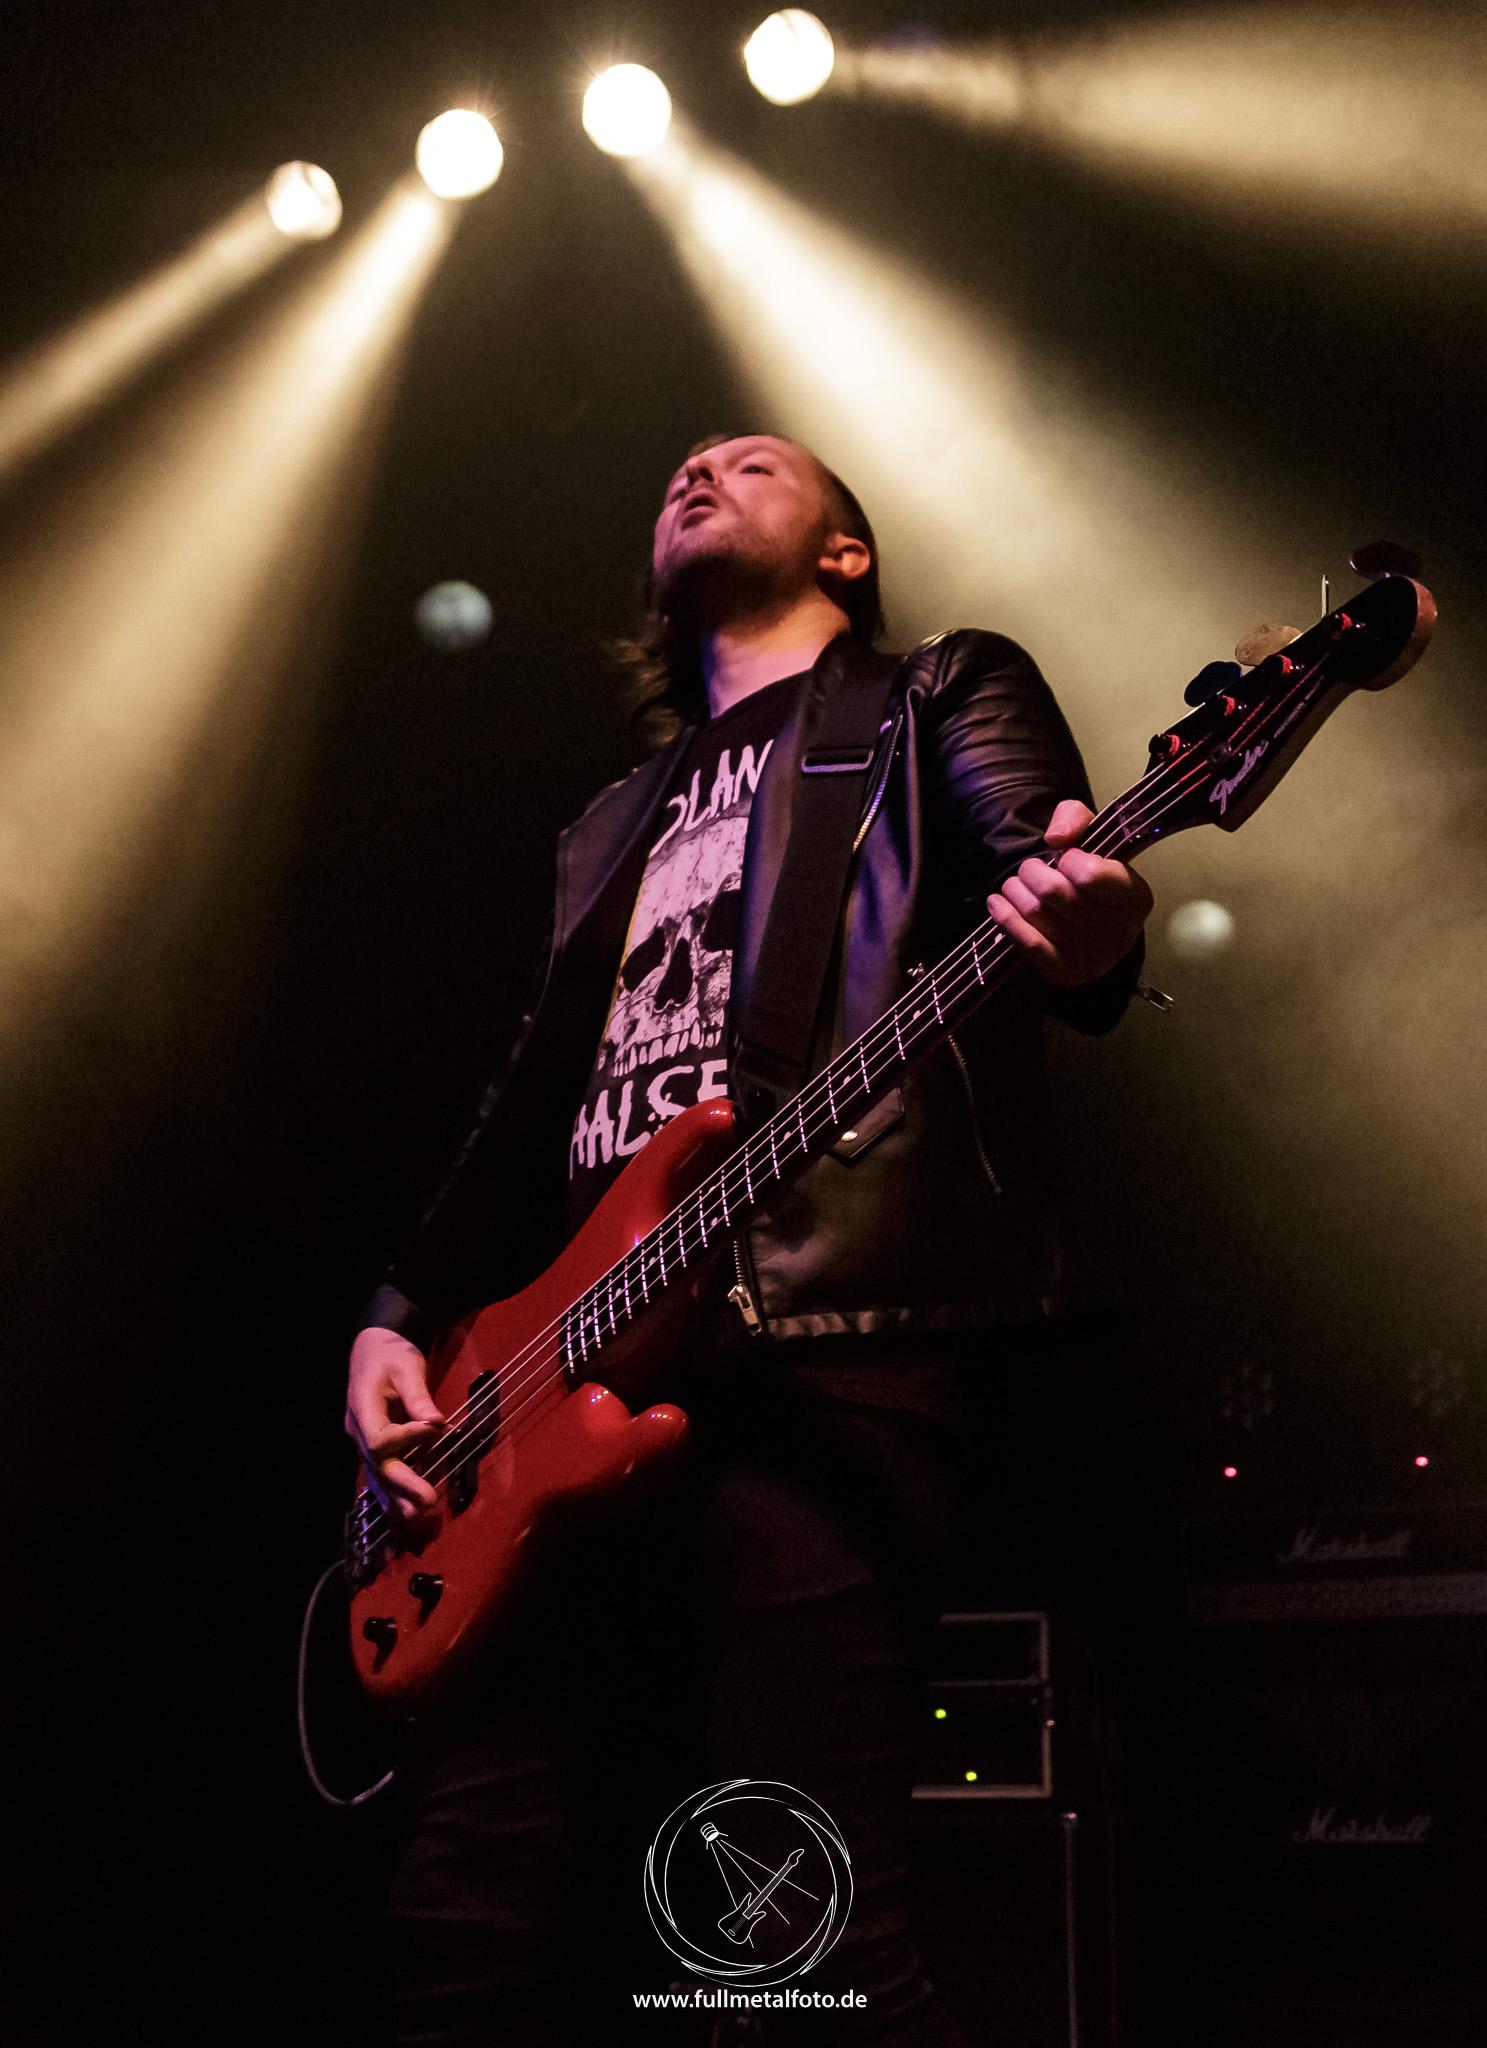 Saxon Tour 2018, Frankfurt, Full Metal Foto 5